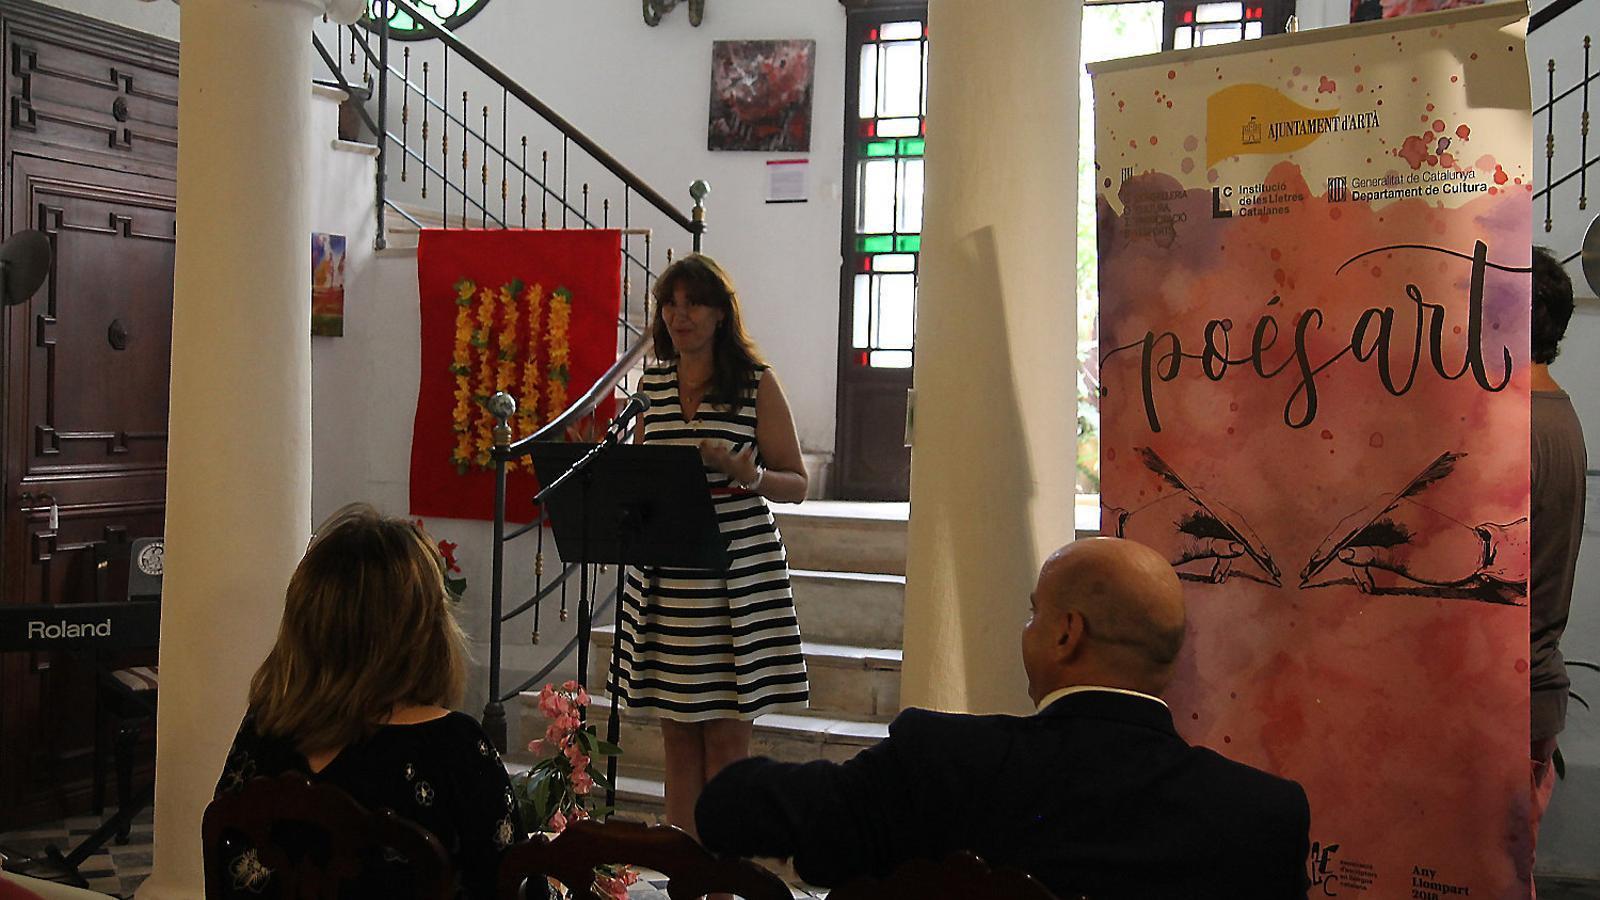 L'edició més internacional del festival PoésArt